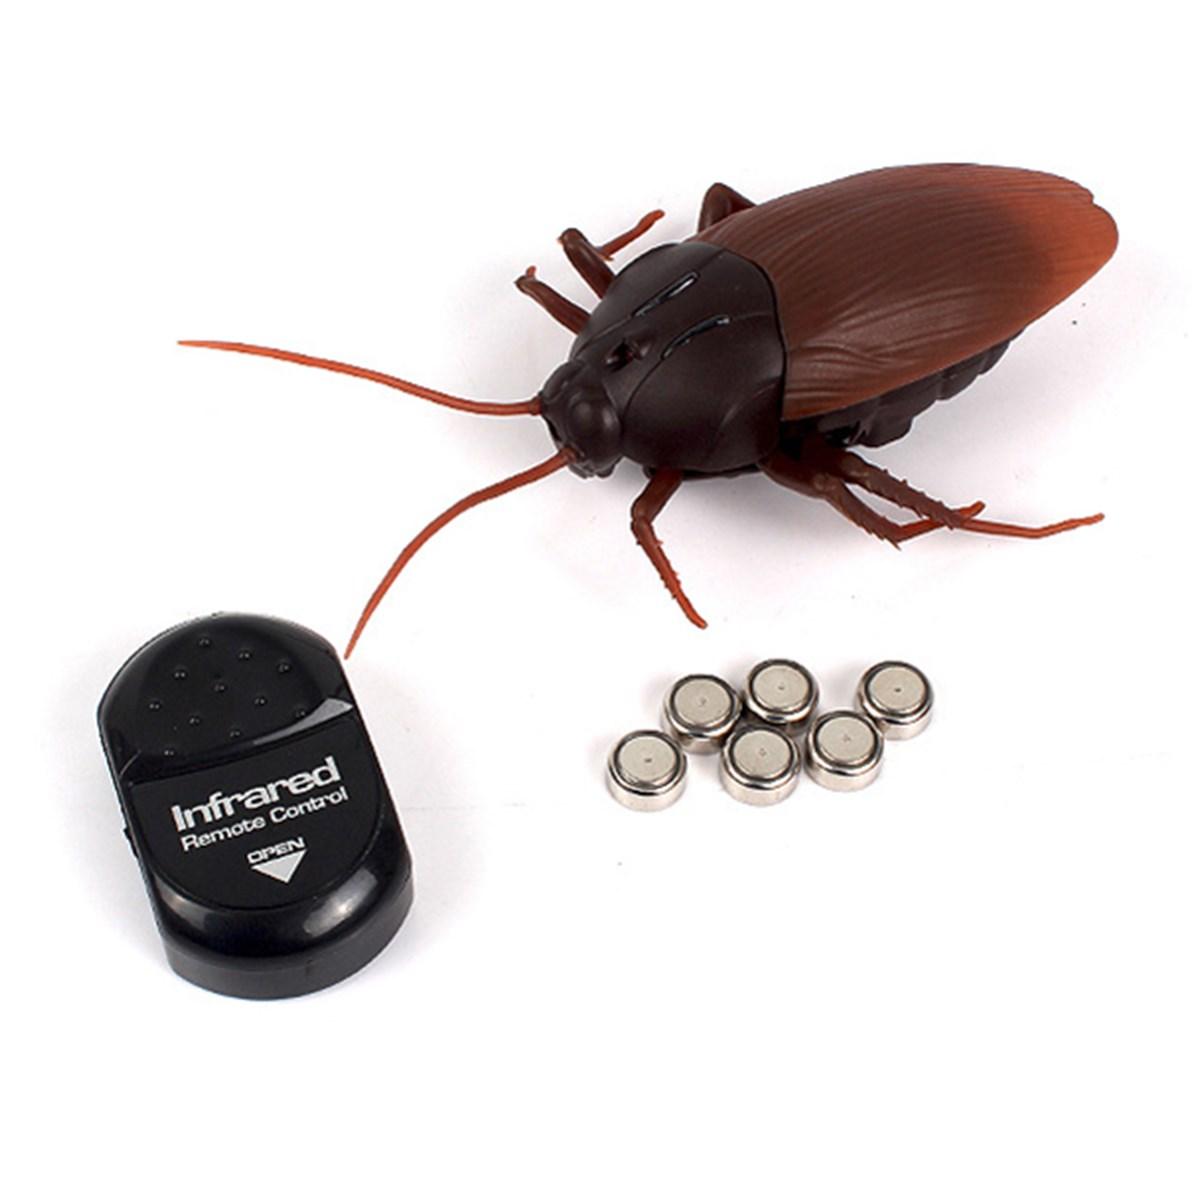 [해외]웃긴 시뮬레이션 적외선 RC 원격 제어 무서운 소름 끼치는 곤충 바퀴벌레 완구 어린이 성인을할로윈 선물/Funny Simulation Infrared RC Remote Control Scary Creepy Insect Cockroach Toys Halloween